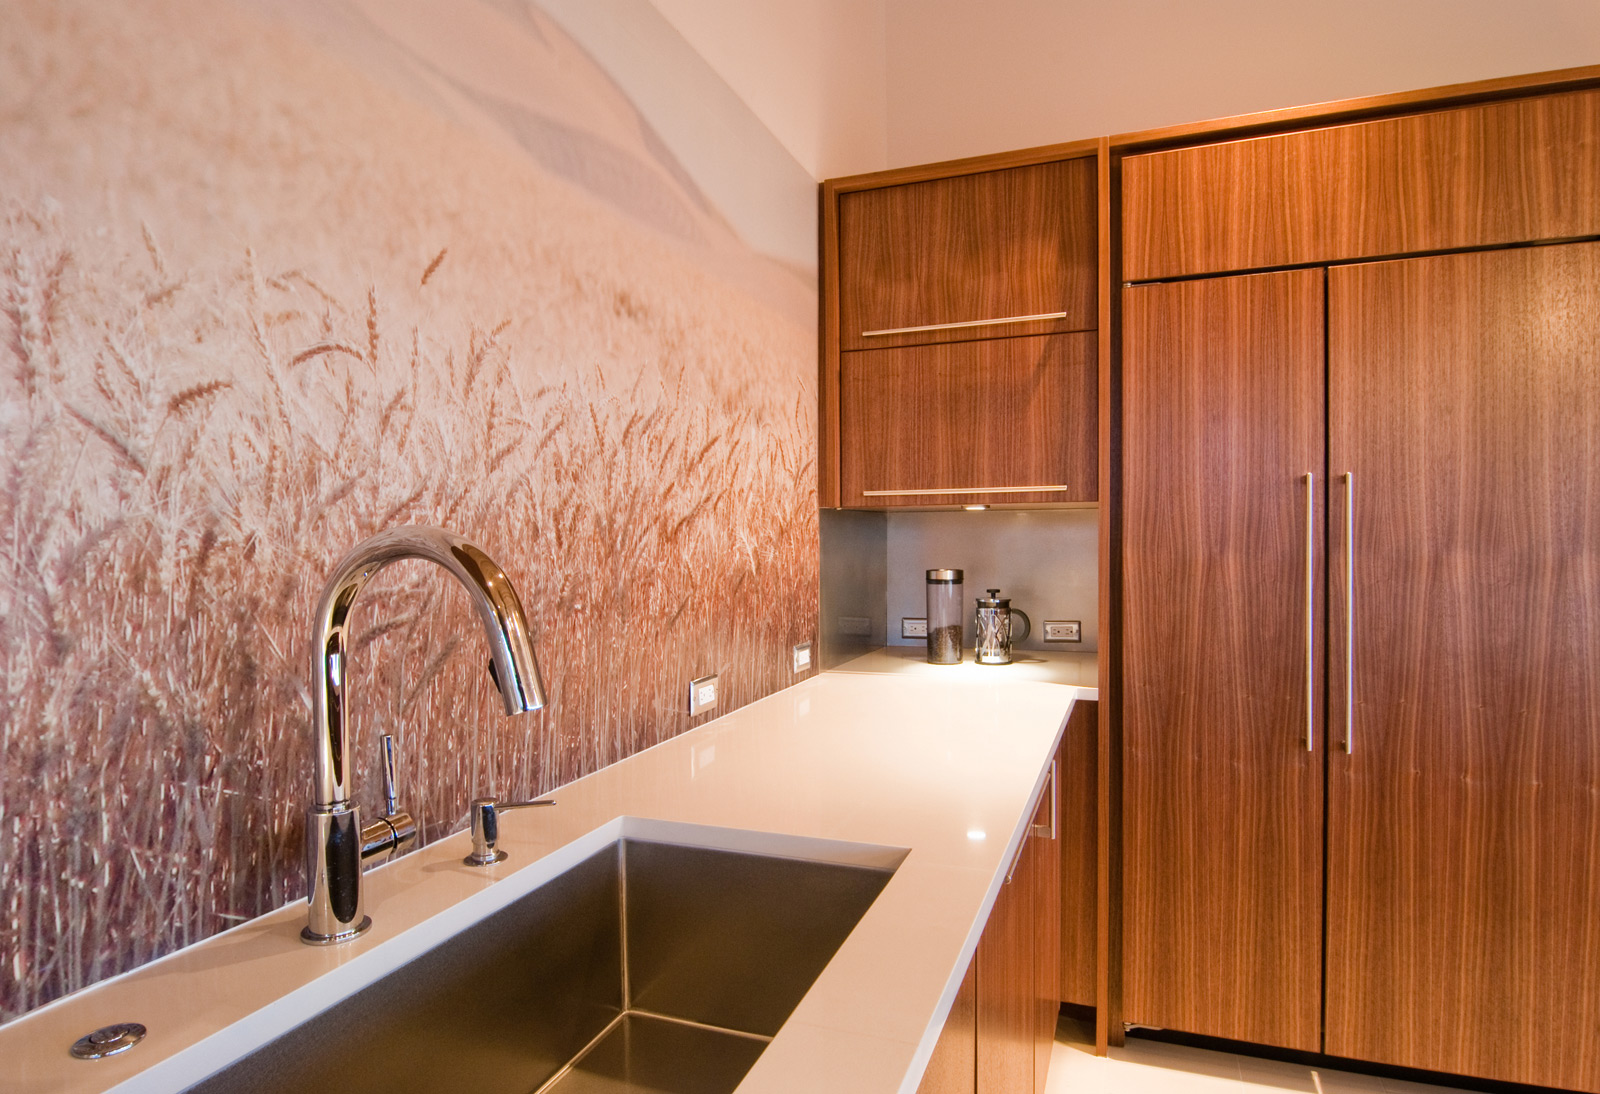 Small Home Kitchen Design Ideas